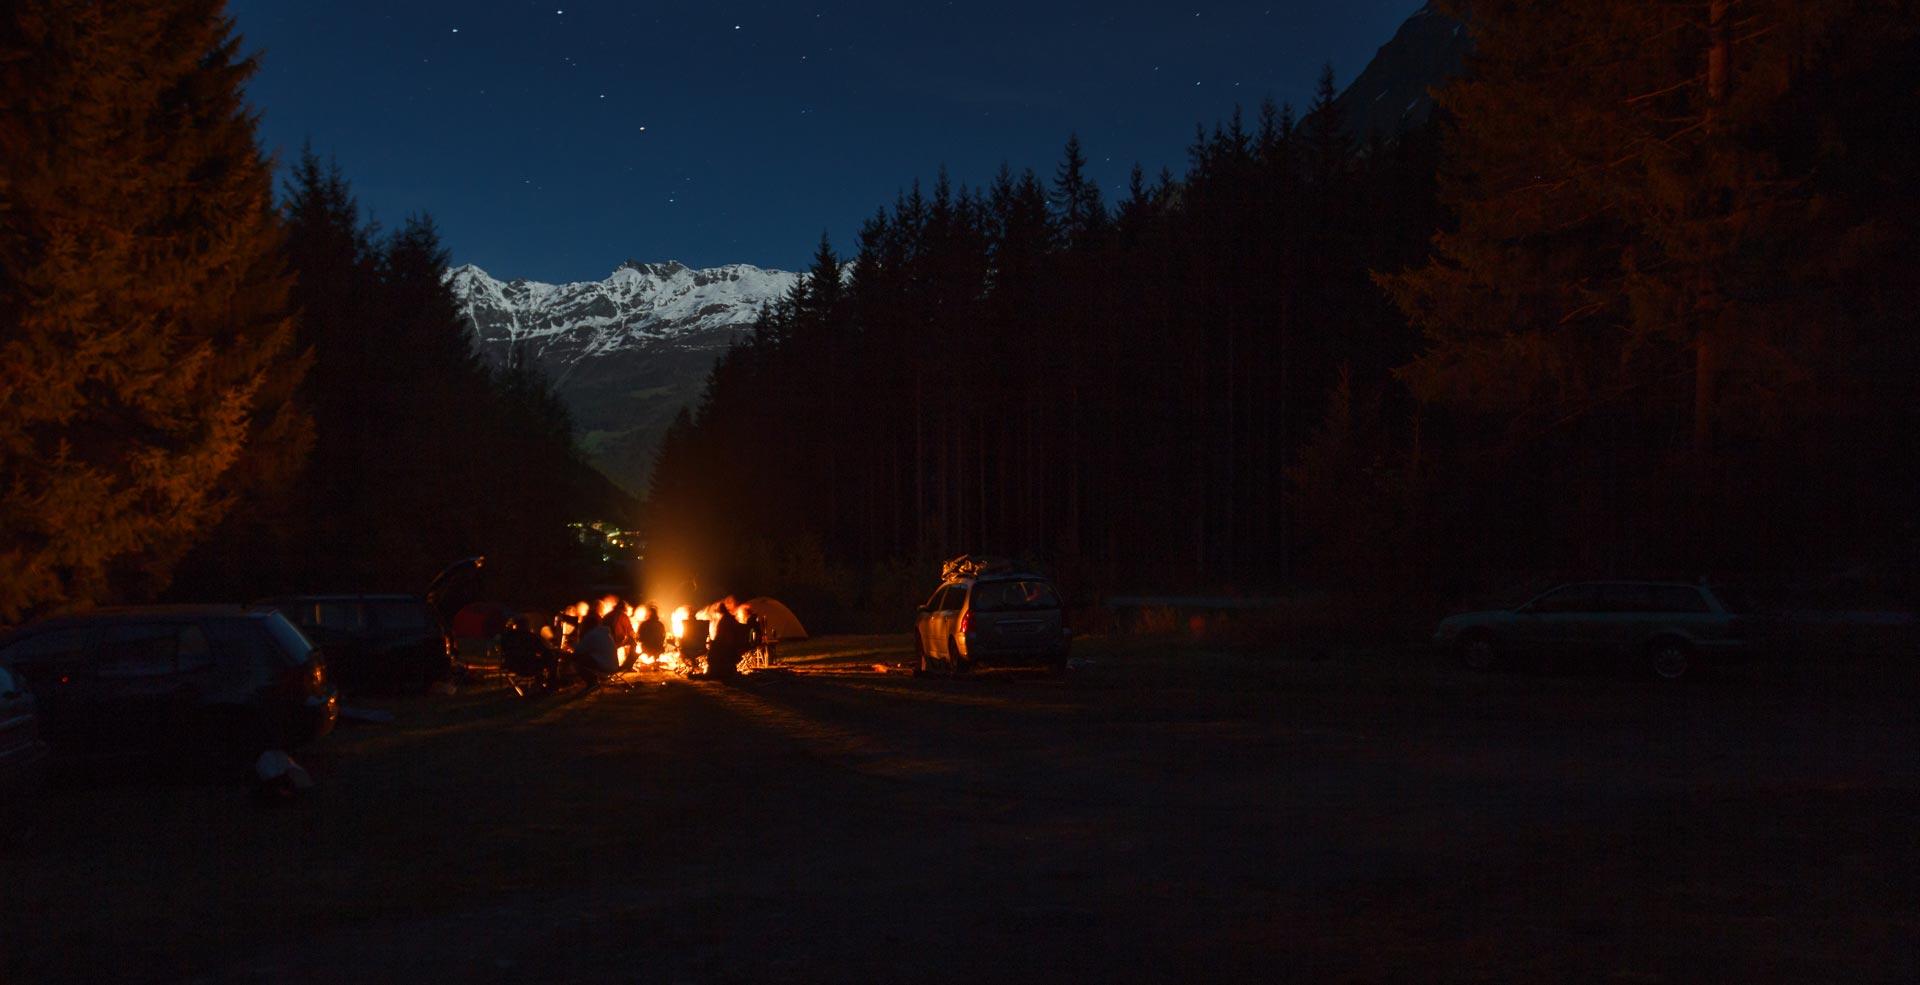 Zum Abschluss des Tages wurde dann ganz gemütlich am Feuer gegrillt, gecamped und auf diesen geilen Tag angestoßen!